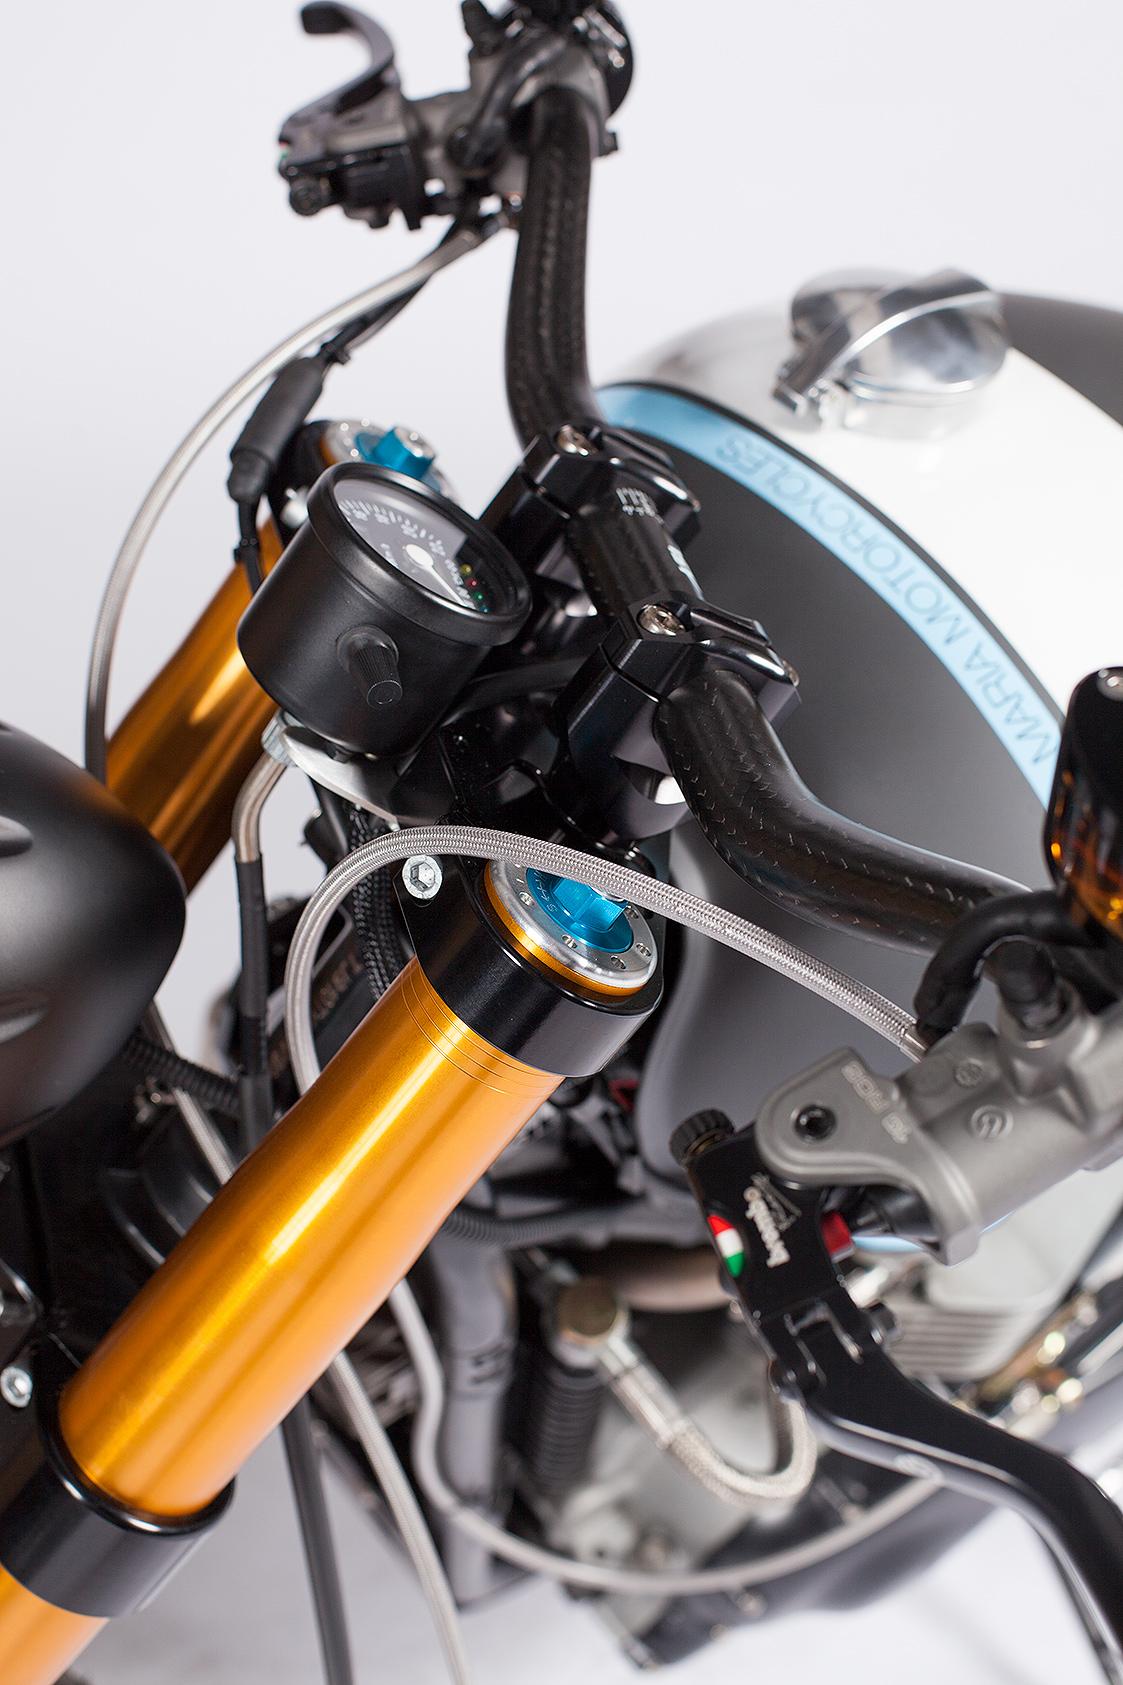 maria_motorcycles_triumph_bonneville_elcarmen_1728